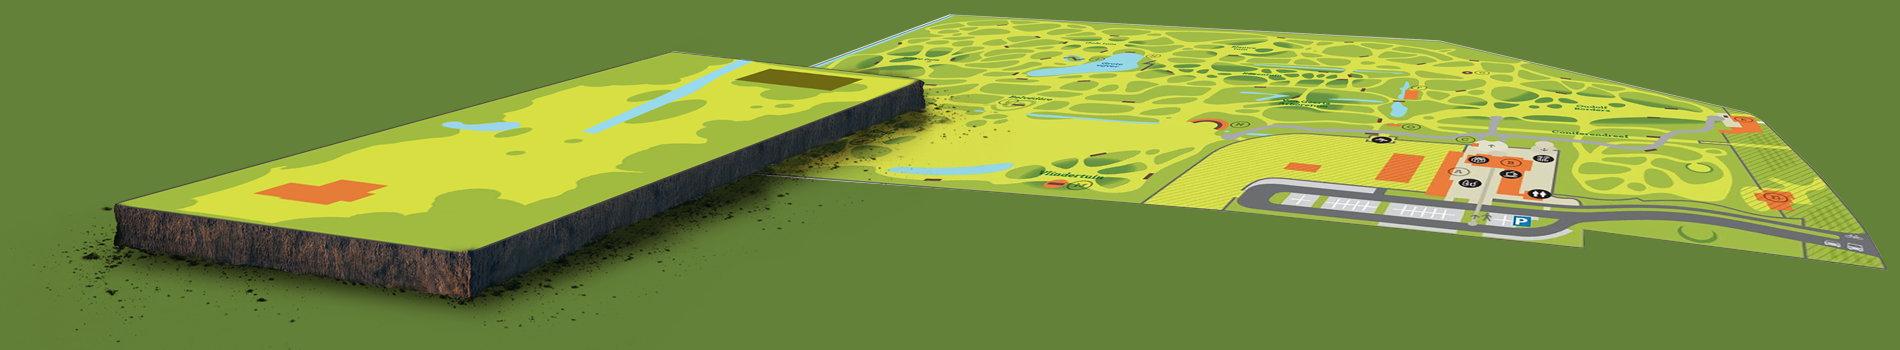 plattegrond arboretum + uitbreiding